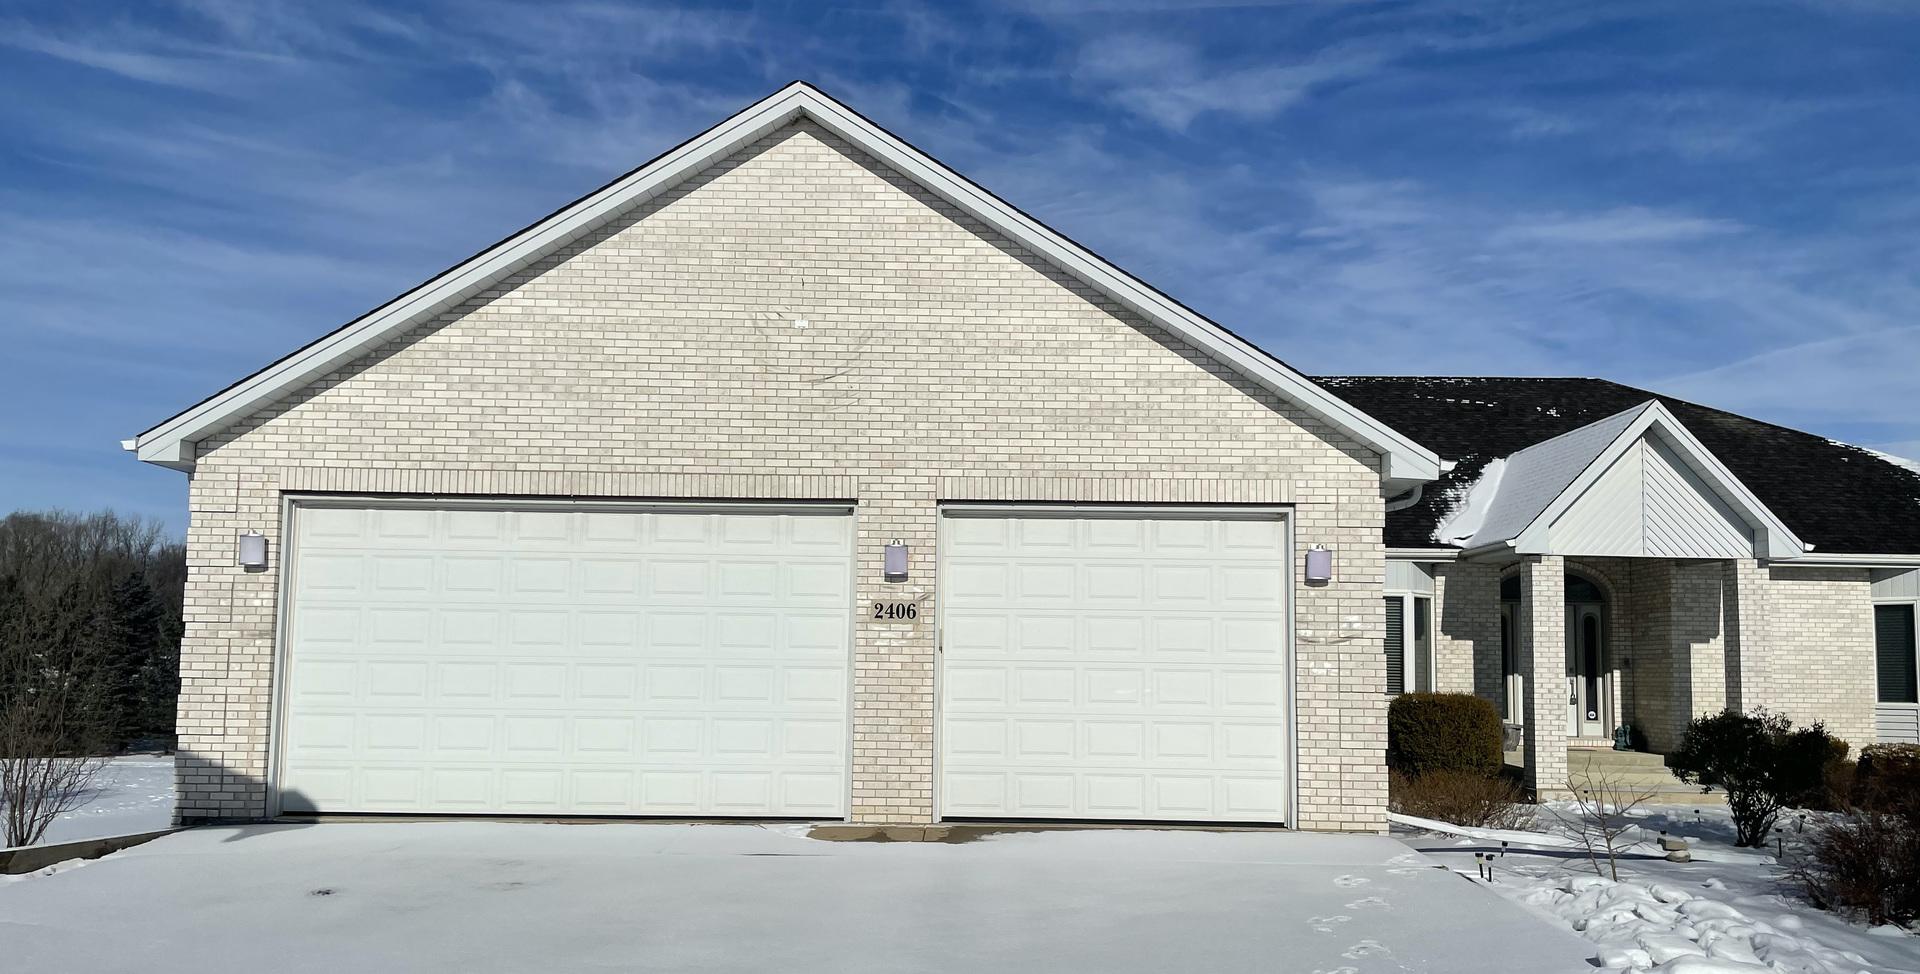 2406 Delore Drive, Mchenry, IL 60051